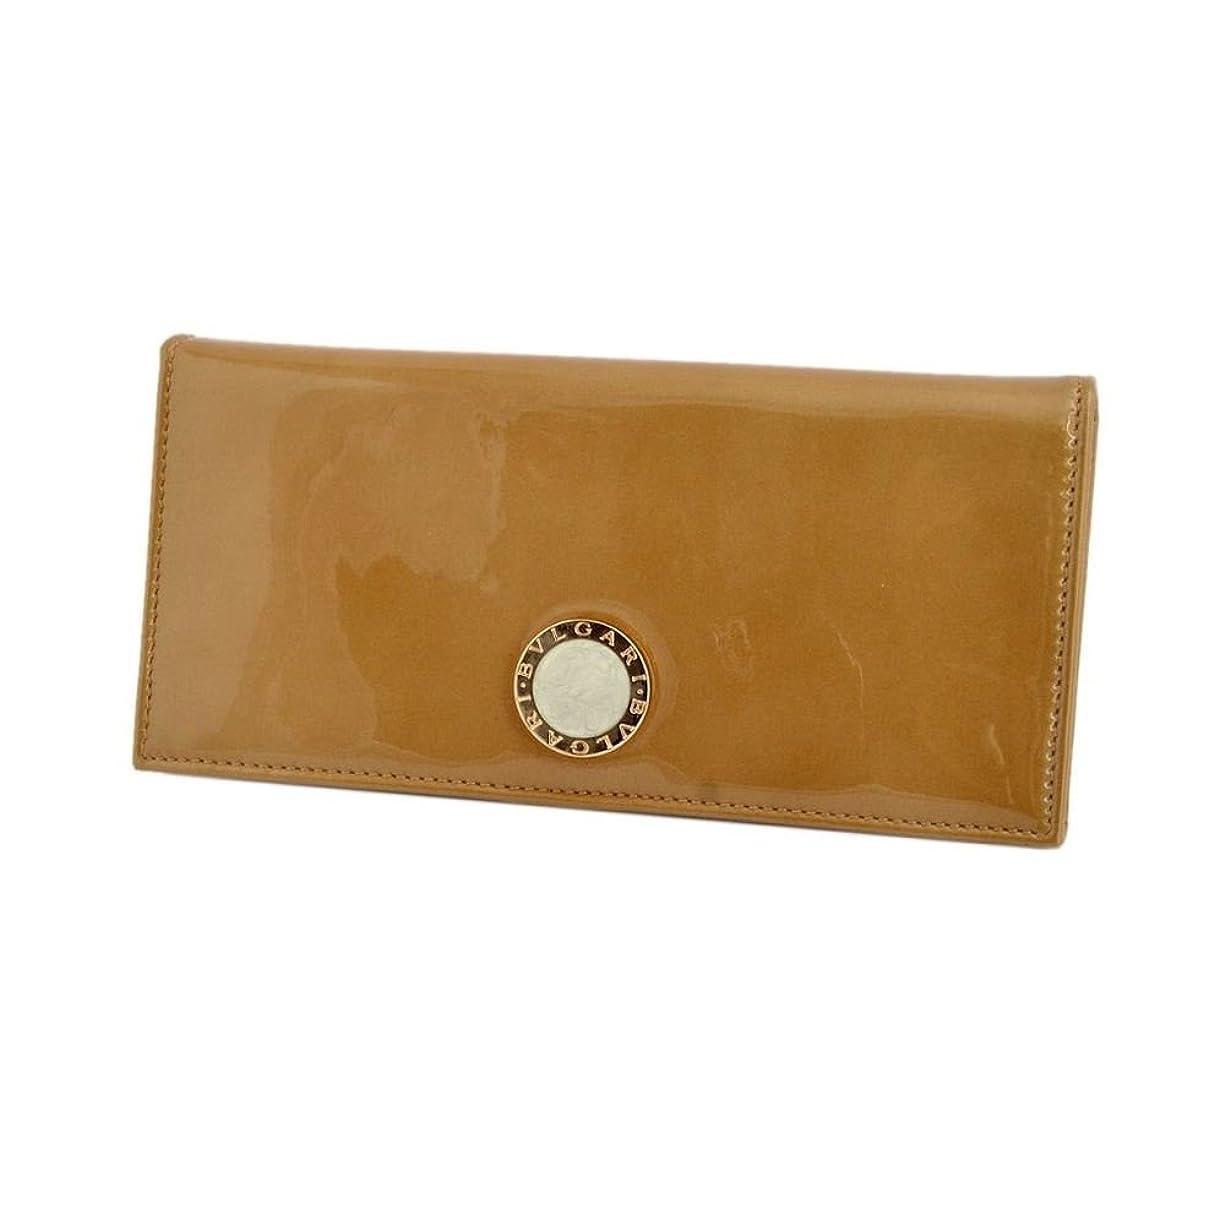 不適あえぎセンチメートル(ブルガリ) BVLGARI レディース レザー 長財布 [並行輸入品]